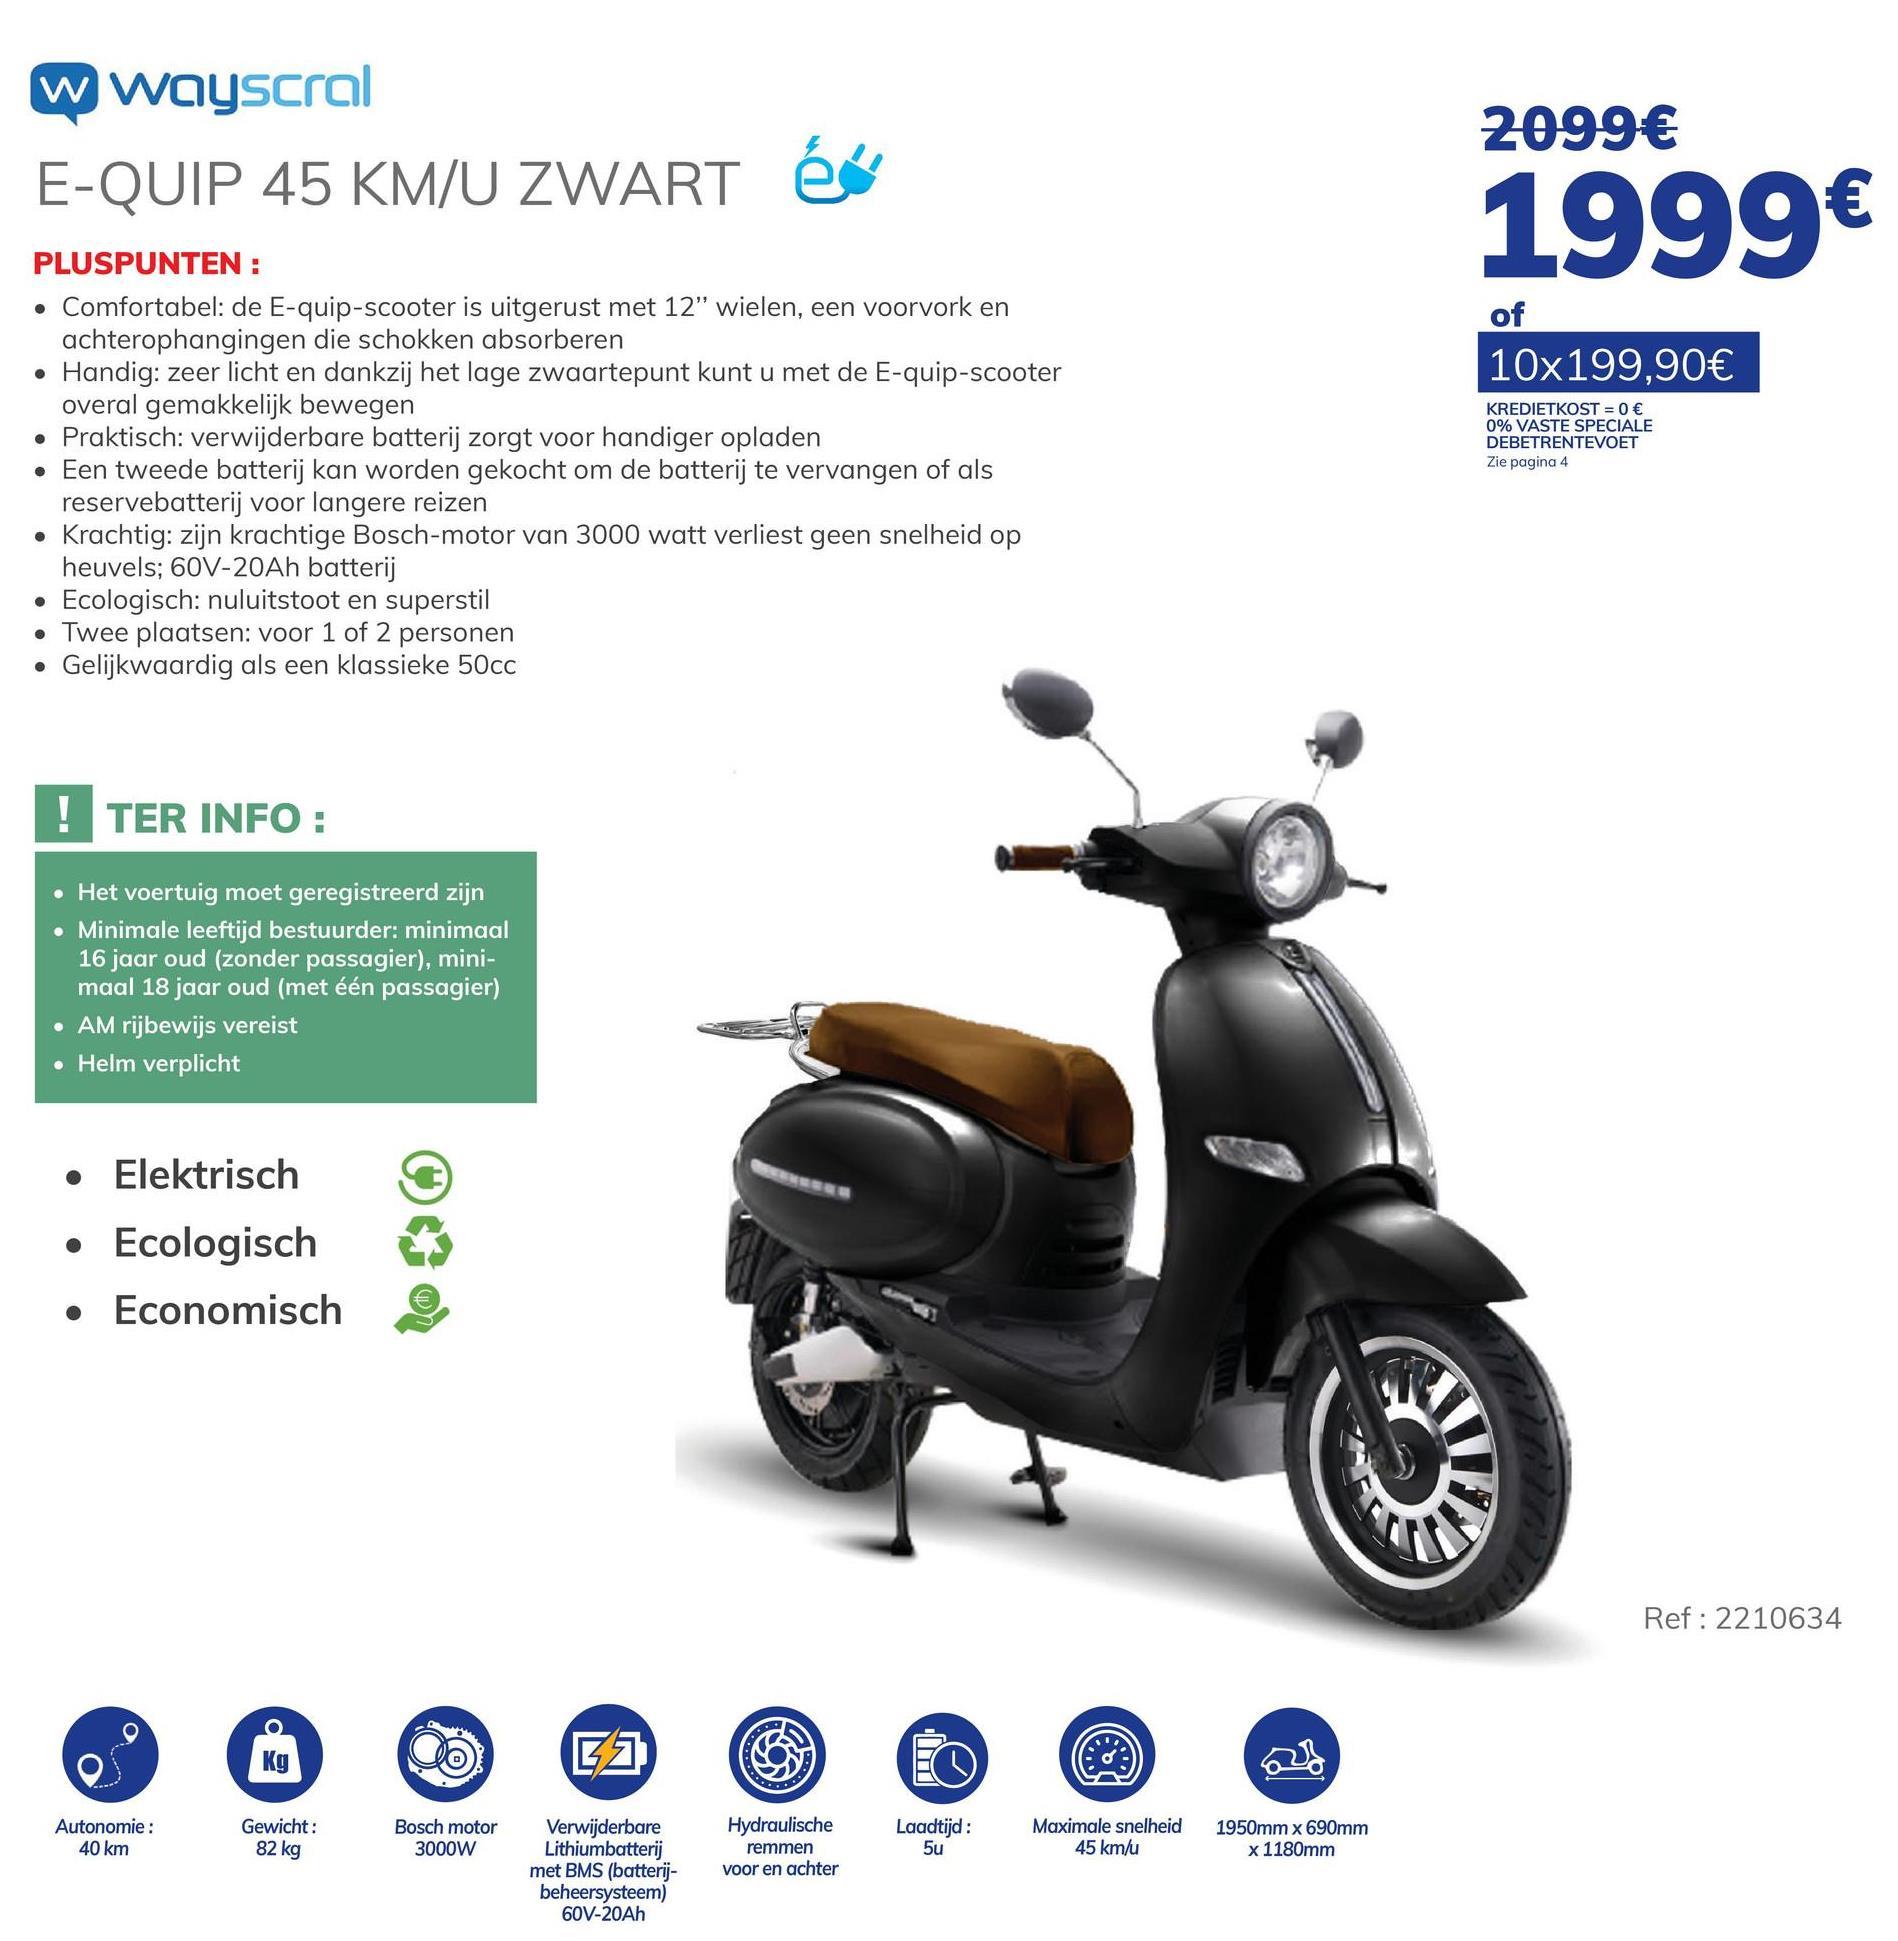 """Elektrische Scooter E-quip Zwart De elektrische scooter WAYSCRAL E-QUIP kan worden gebruikt door eenieder die minstens 16 jaar oud is en in het bezit is van een rijbewijs AM of enig ander rijbewijs voor de wagen of motorfiets. De elektrische scooter komt overeen met een motorfiets van 50 cc, en is elektronisch beperkt tot 45 km/u. Het formaat van de scooter is geschikt voor personen van eender welke lengte, het zadel is langwerpig en het is dus mogelijk om met twee personen op de scooter te zitten zonder in te boeten aan comfort. De batterij bevindt zich onder het zadel, en deze is uitneembaar zodat u ze kunt meenemen om thuis of op kantoor op te laden. De batterij laadt op in ongeveer 5 uur. De ruimte onder het zadel biedt plaats aan een helm of een tweede accu om de autonomie te vergroten. De capaciteit van de batterij die bij de scooter wordt geleverd bedraagt 60 V 20 Ah (oftewel 1200 Wh), en heeft een bereik van 40 km. De motor bevindt zich in de naaf en is een 60 V BOSCH"""" Brushless elektrische motor met een erg goede betrouwbaarheid. Dankzij het schijfremsysteem (vooraan en achteraan) kunt u efficiënt remmen in alle omstandigheden."""". - Ecologisch: geen uitstoot en erg stil- Mooi ontwerp - Performant"""